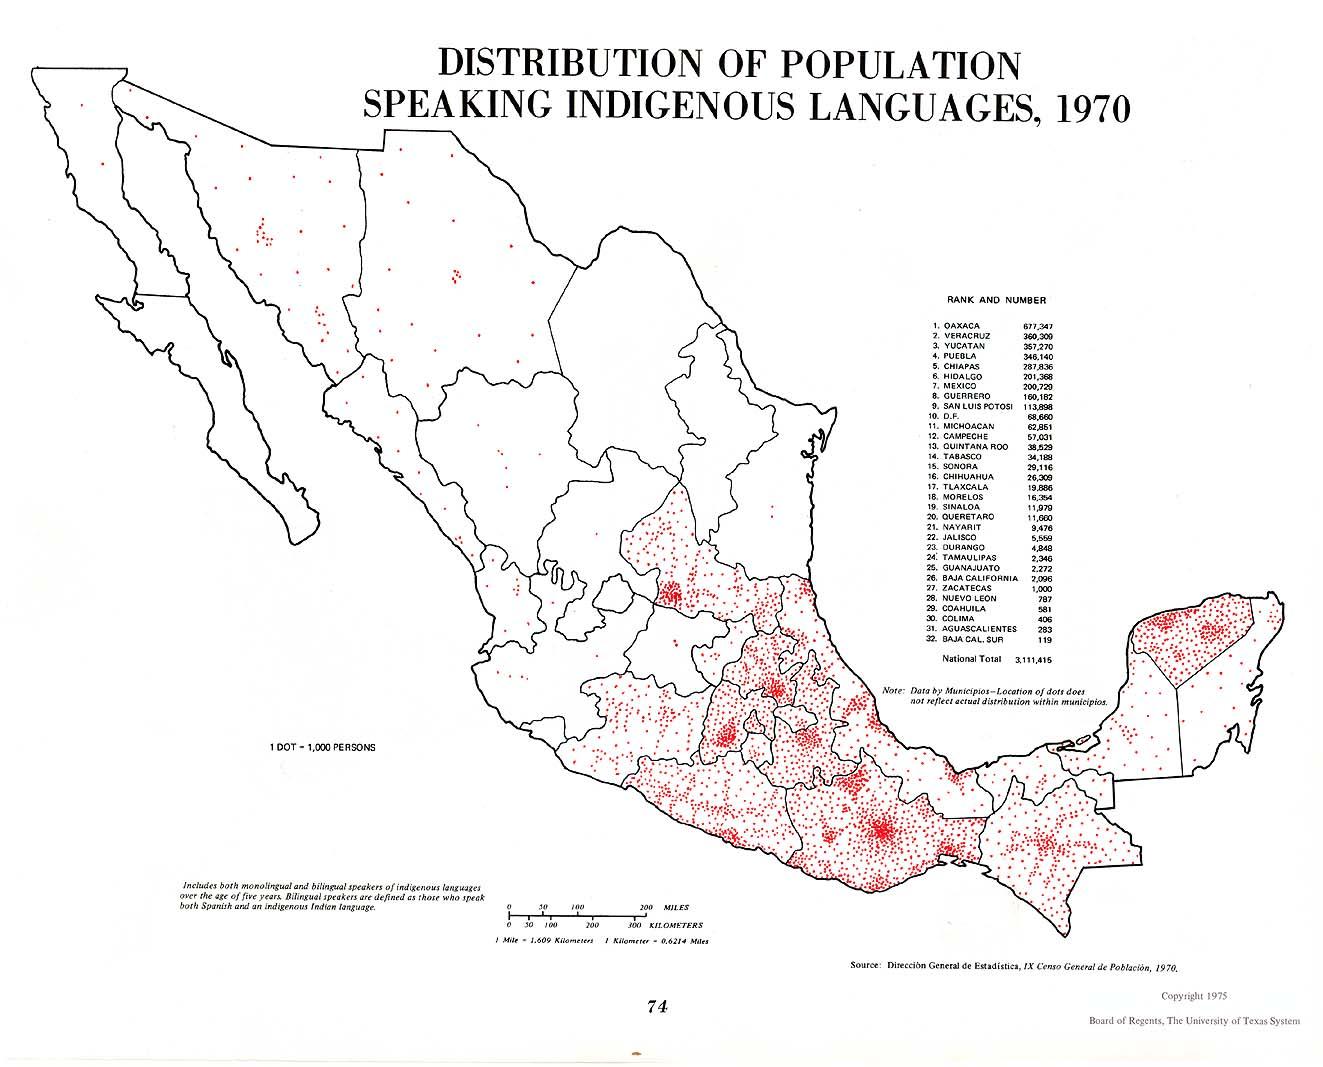 lenguas indigenas en la republica: